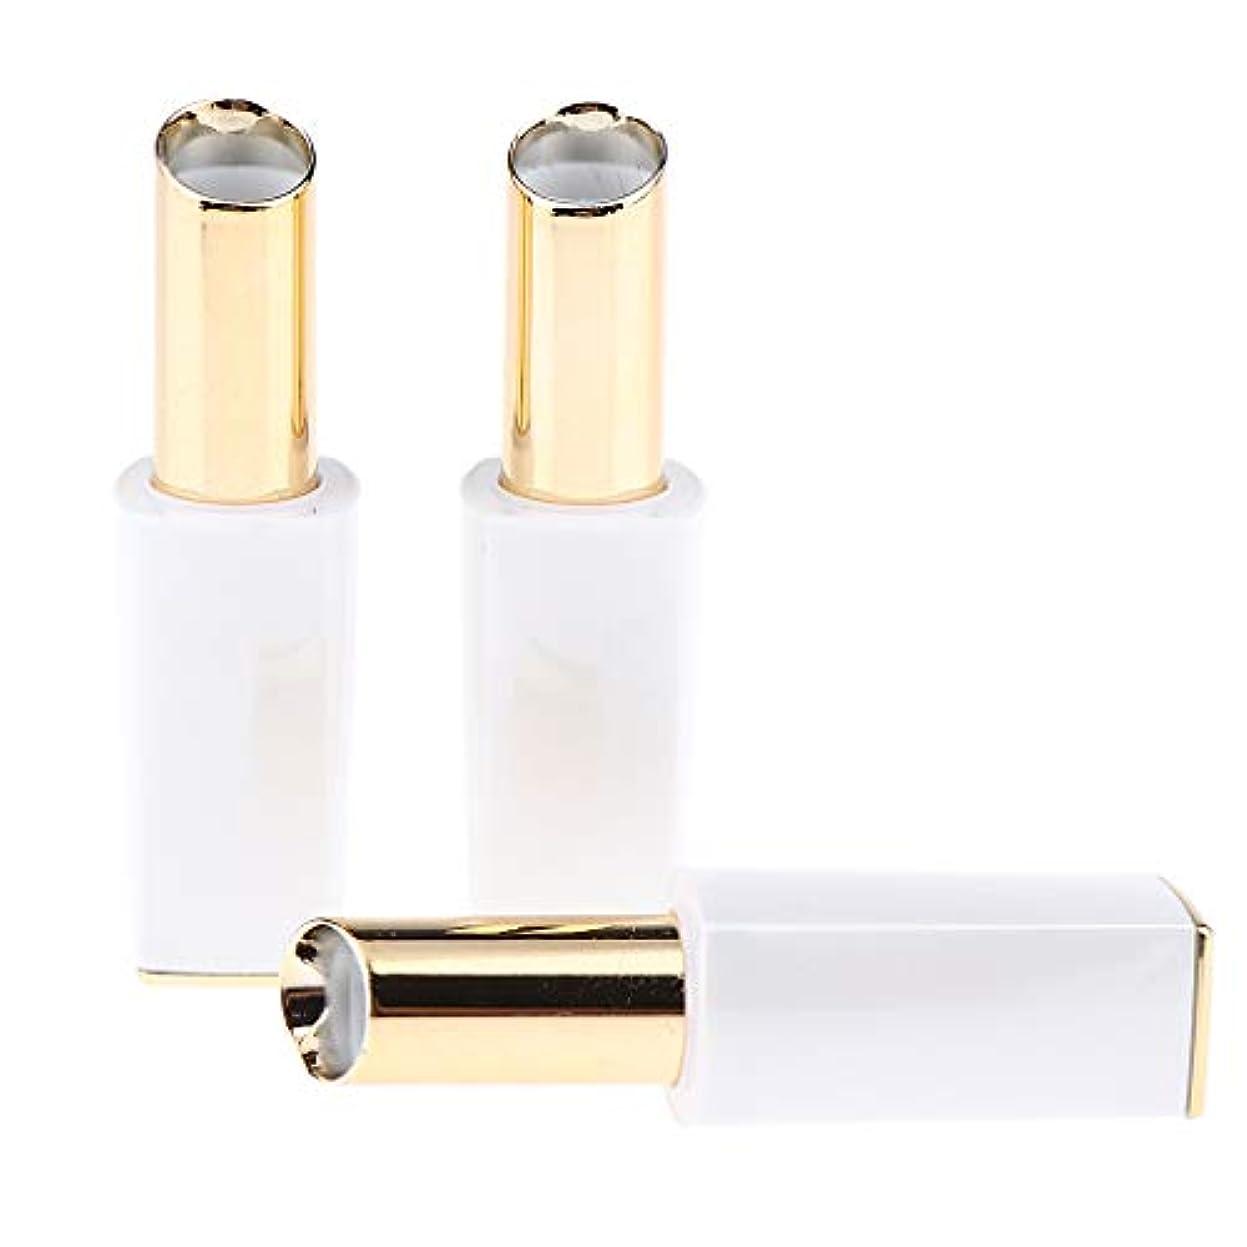 精通した許されるレビュアーリップスティック チューブ 口紅チューブ プラスチック メイクアップ 道具 3本入り 全3色 - 白